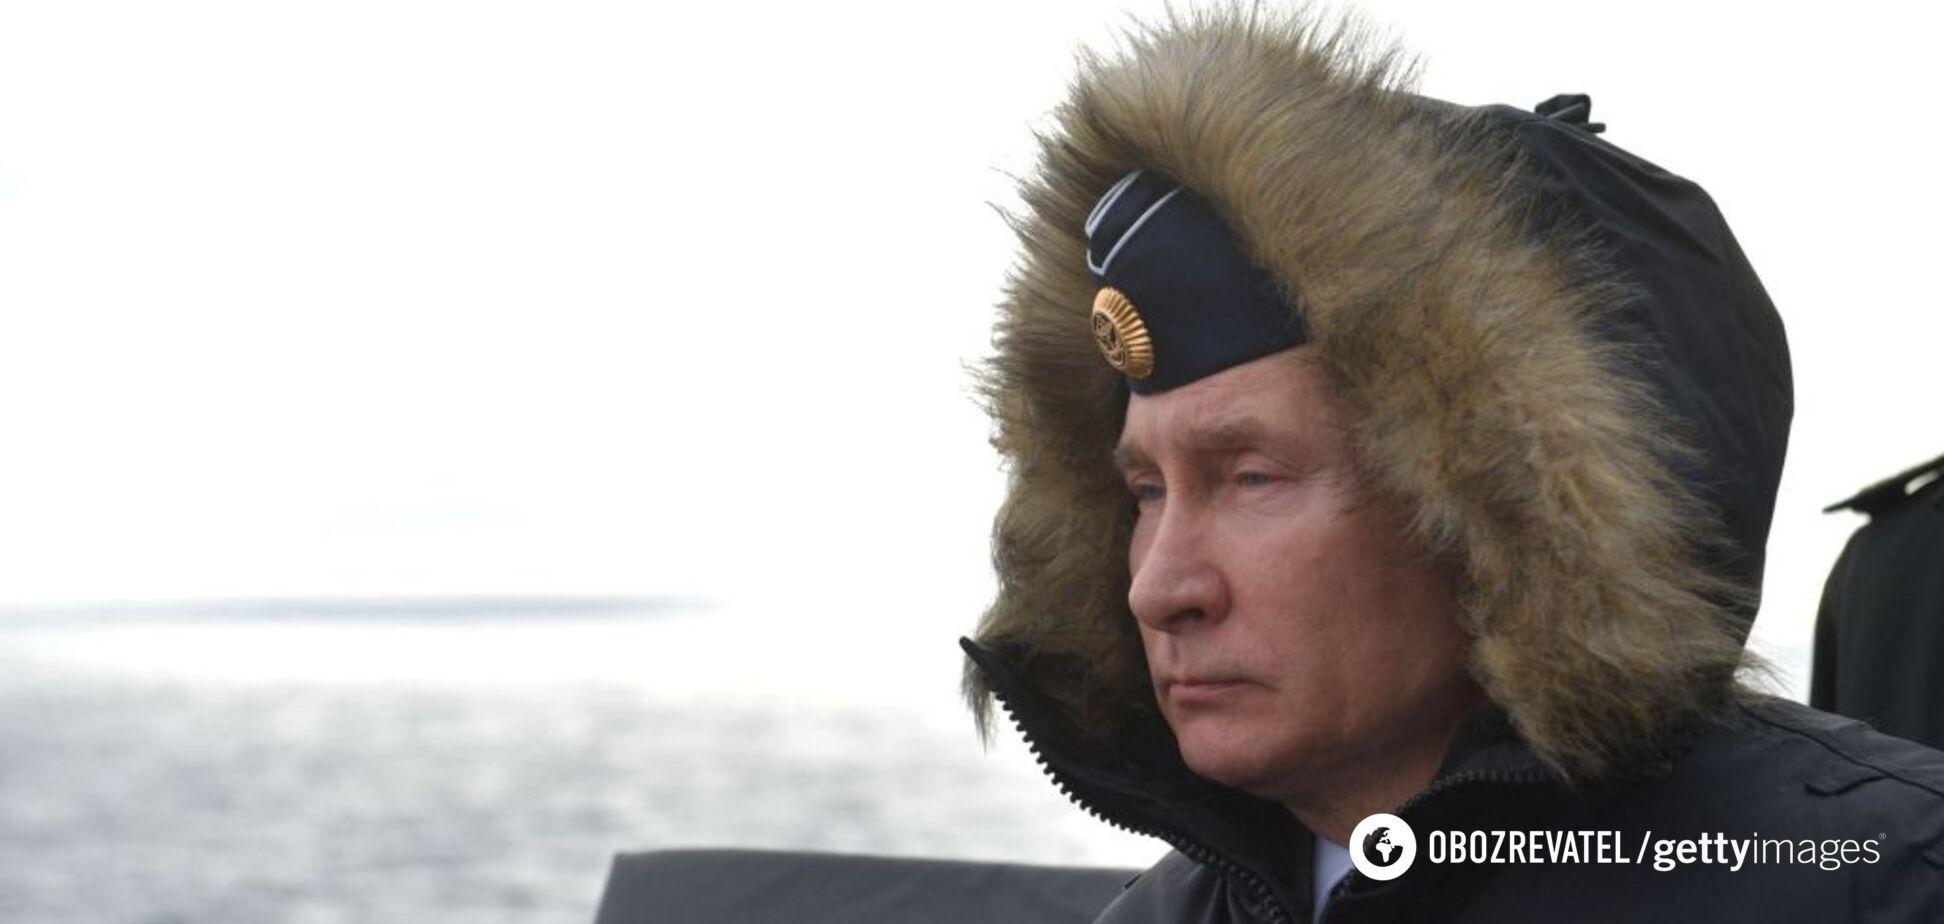 Адмирал ВМС предупредил о новой угрозе с Крыма